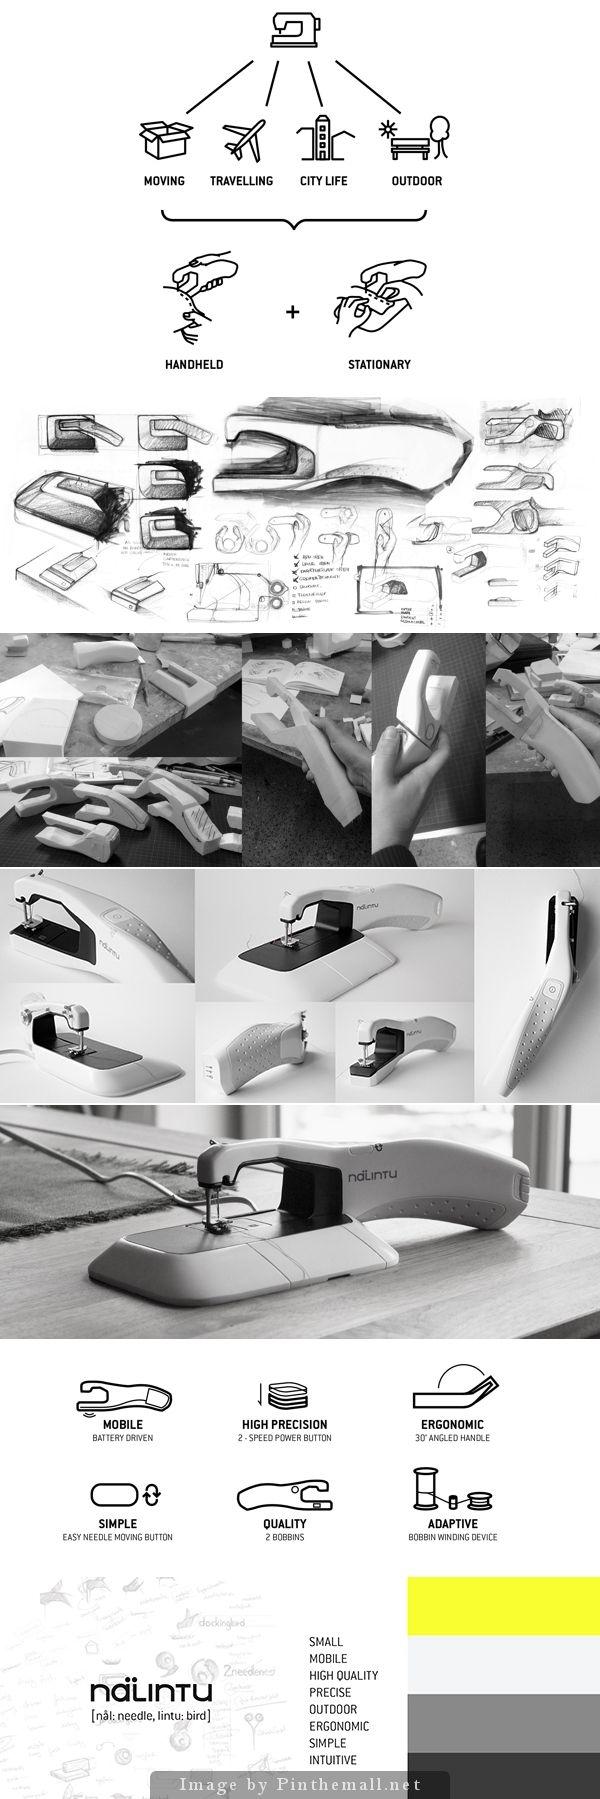 Nålintu - Handheld Sewing